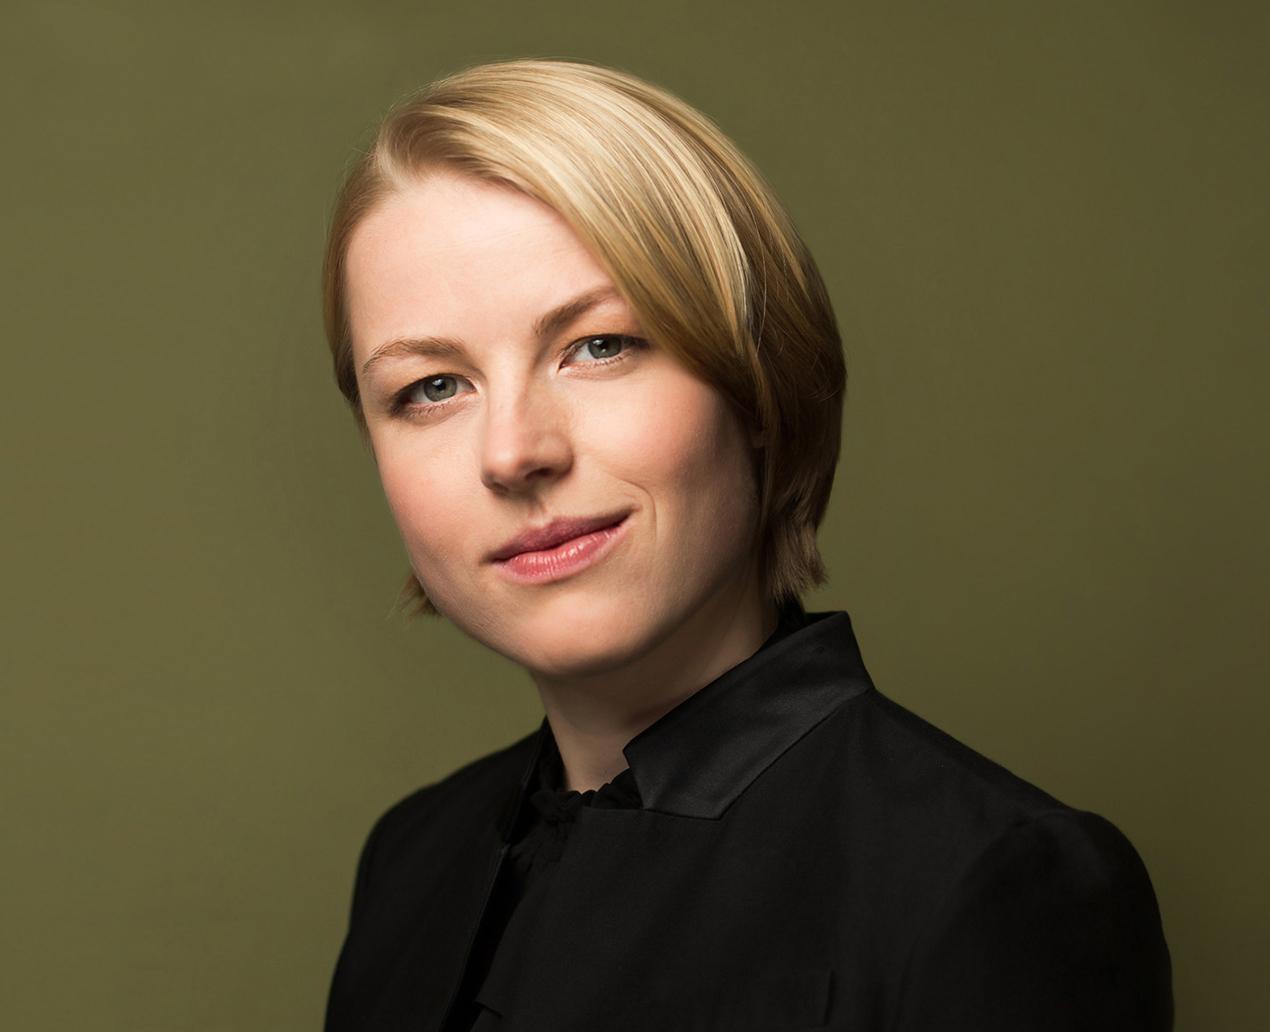 (c) Jessica Schaefer